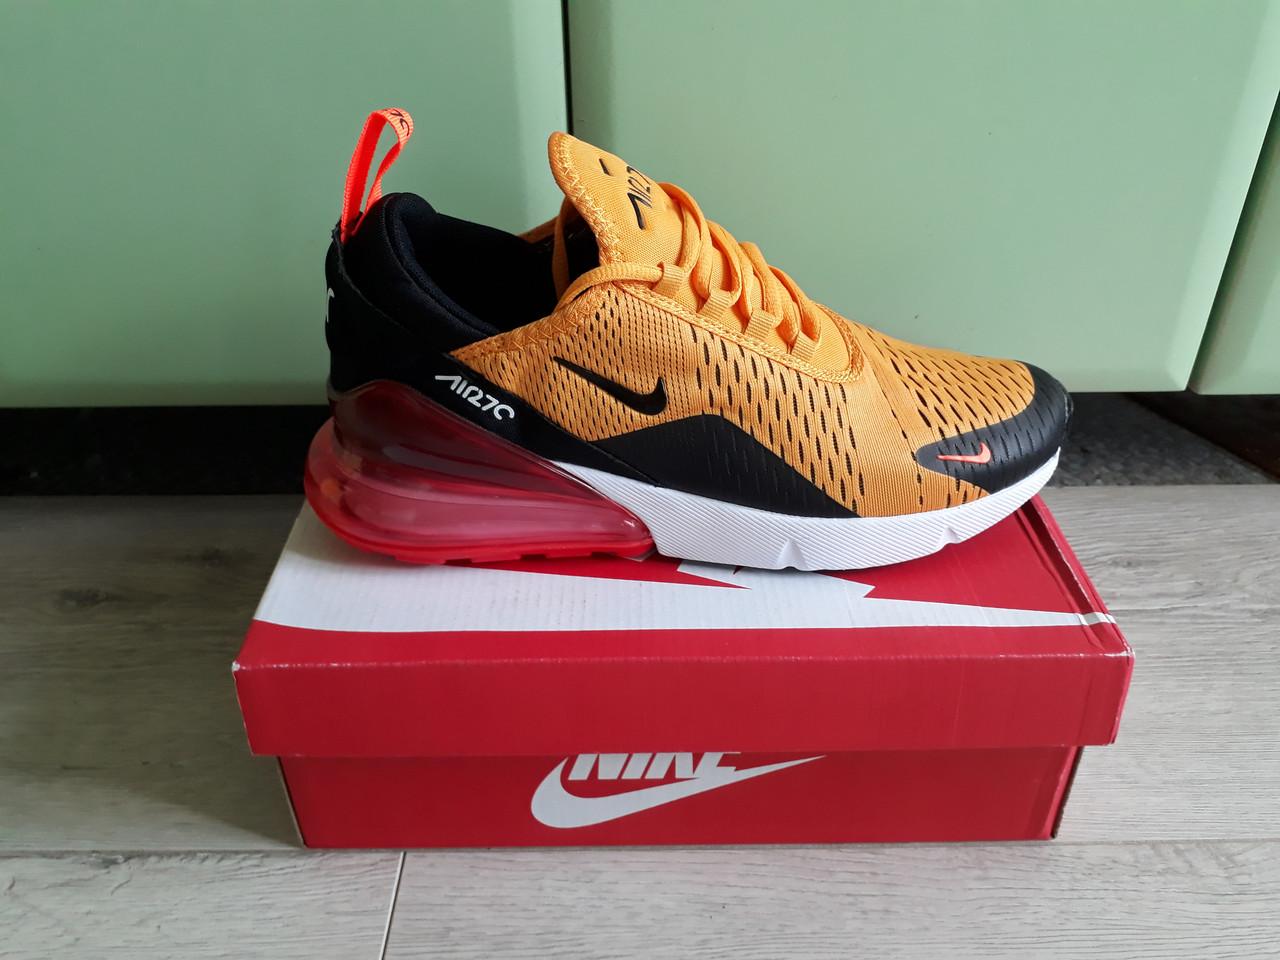 e34e9f1aef63db Мужские кроссовки Nike Air Max 270 Tiger топ реплика, много цветов в  наличии! -